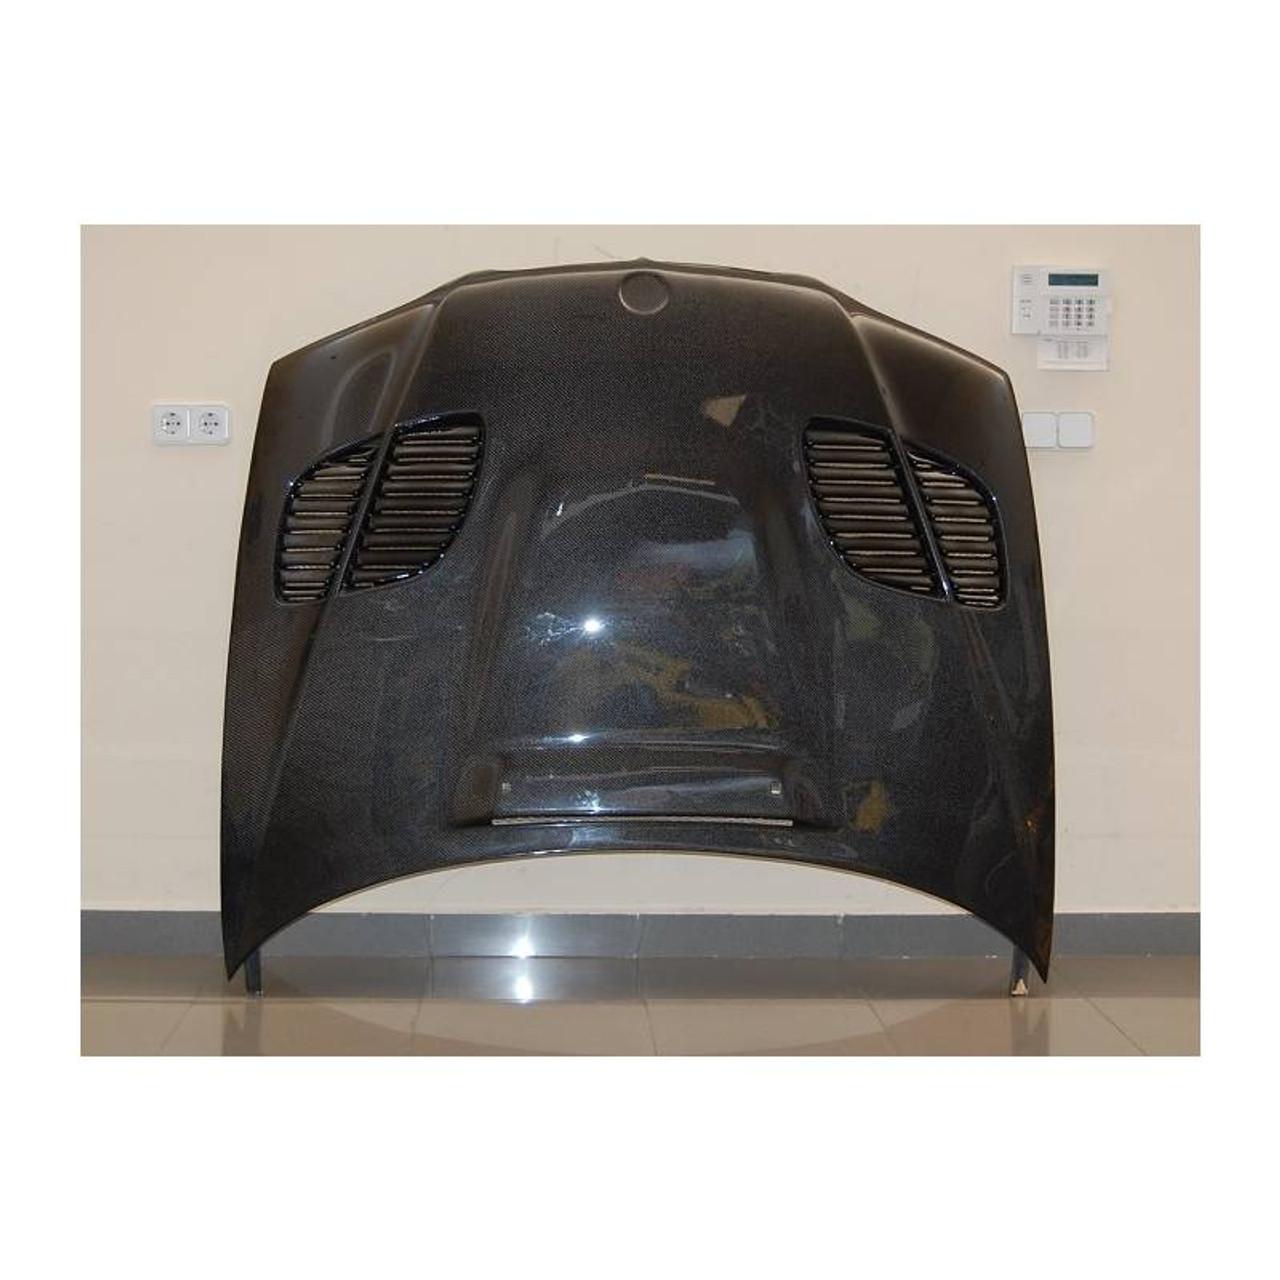 M3 Gtr Style Bonnet For E46 3 Series